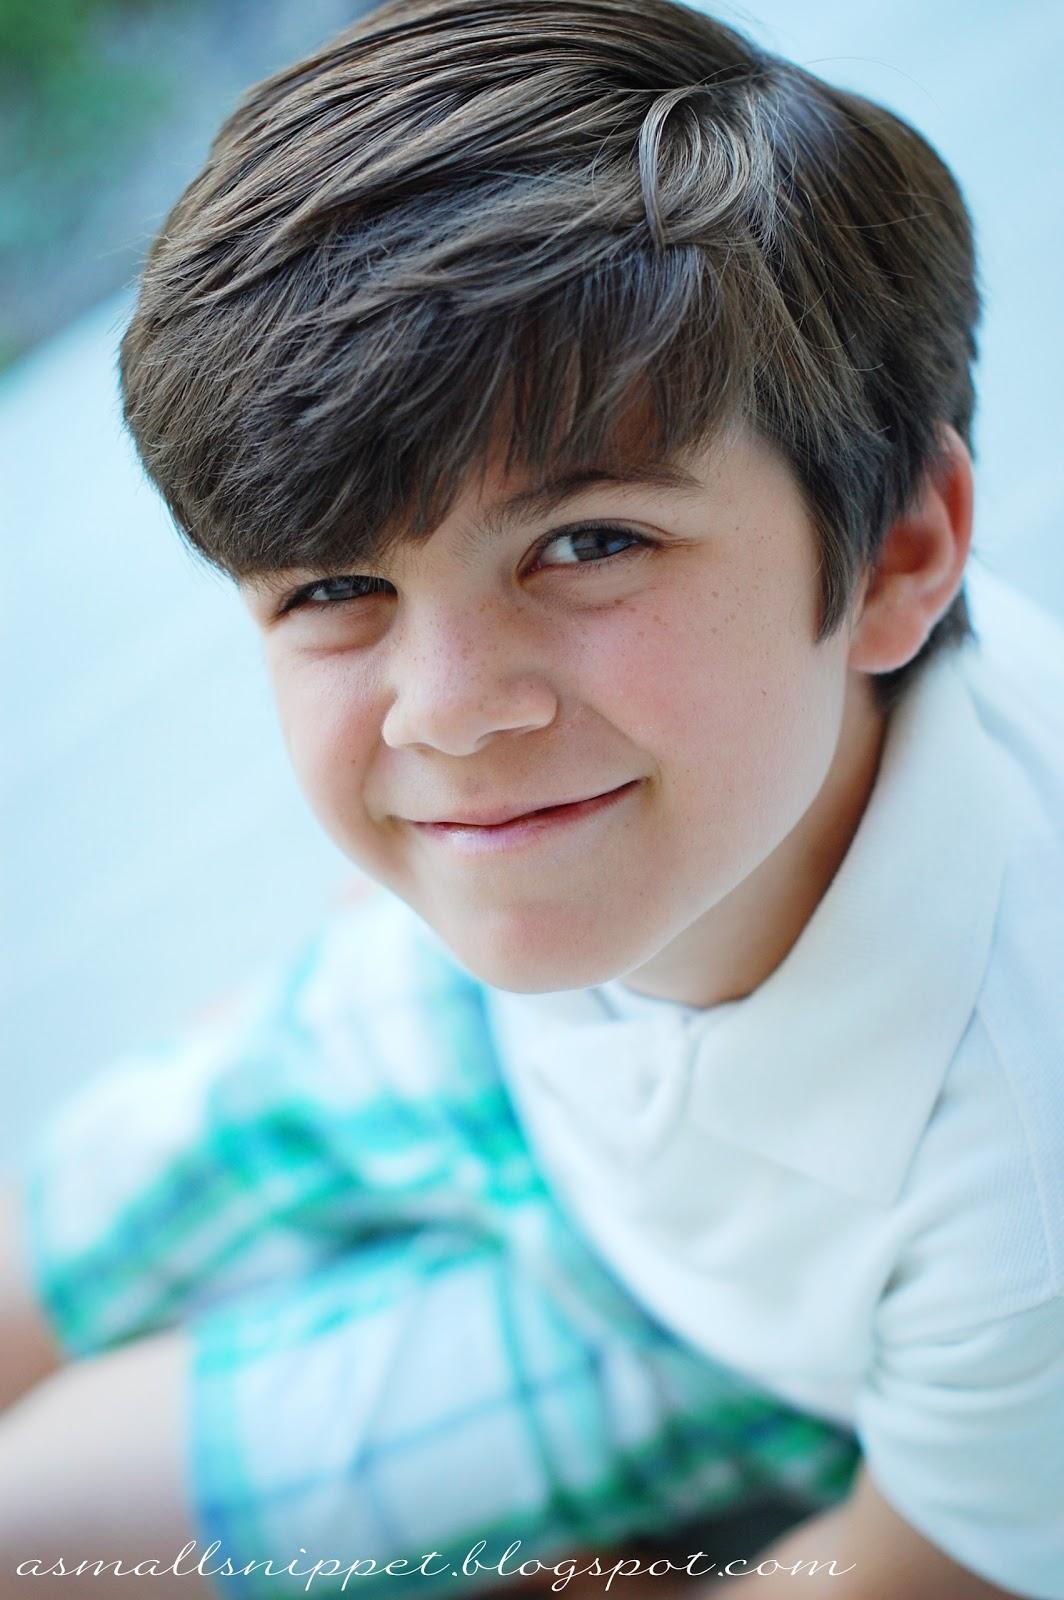 Cute 9 year old boy